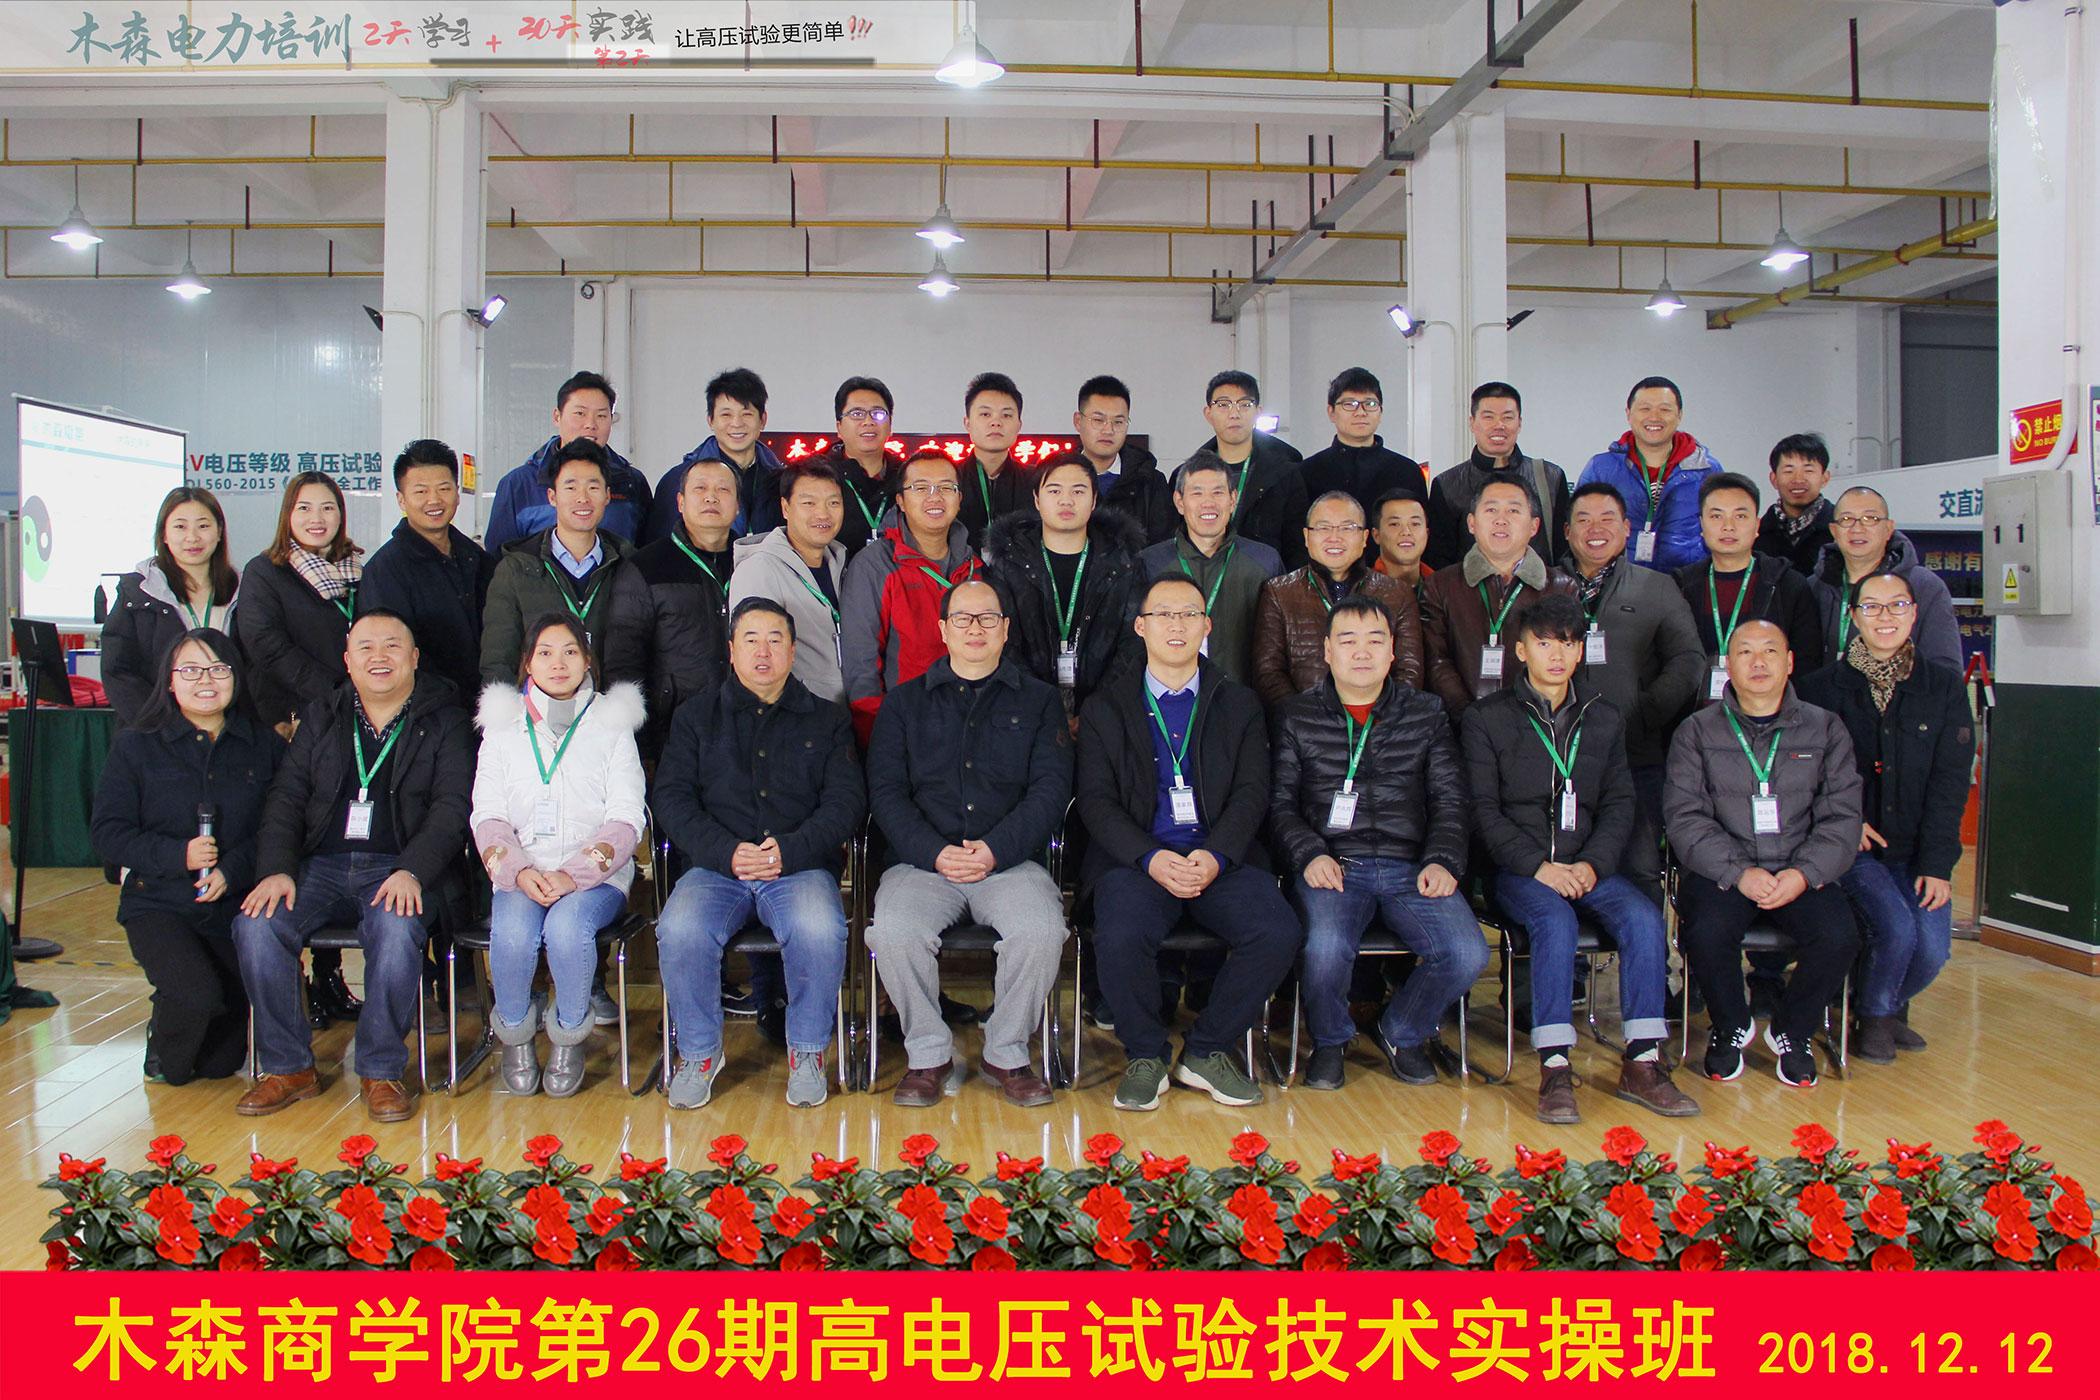 第26期高电压试验培训